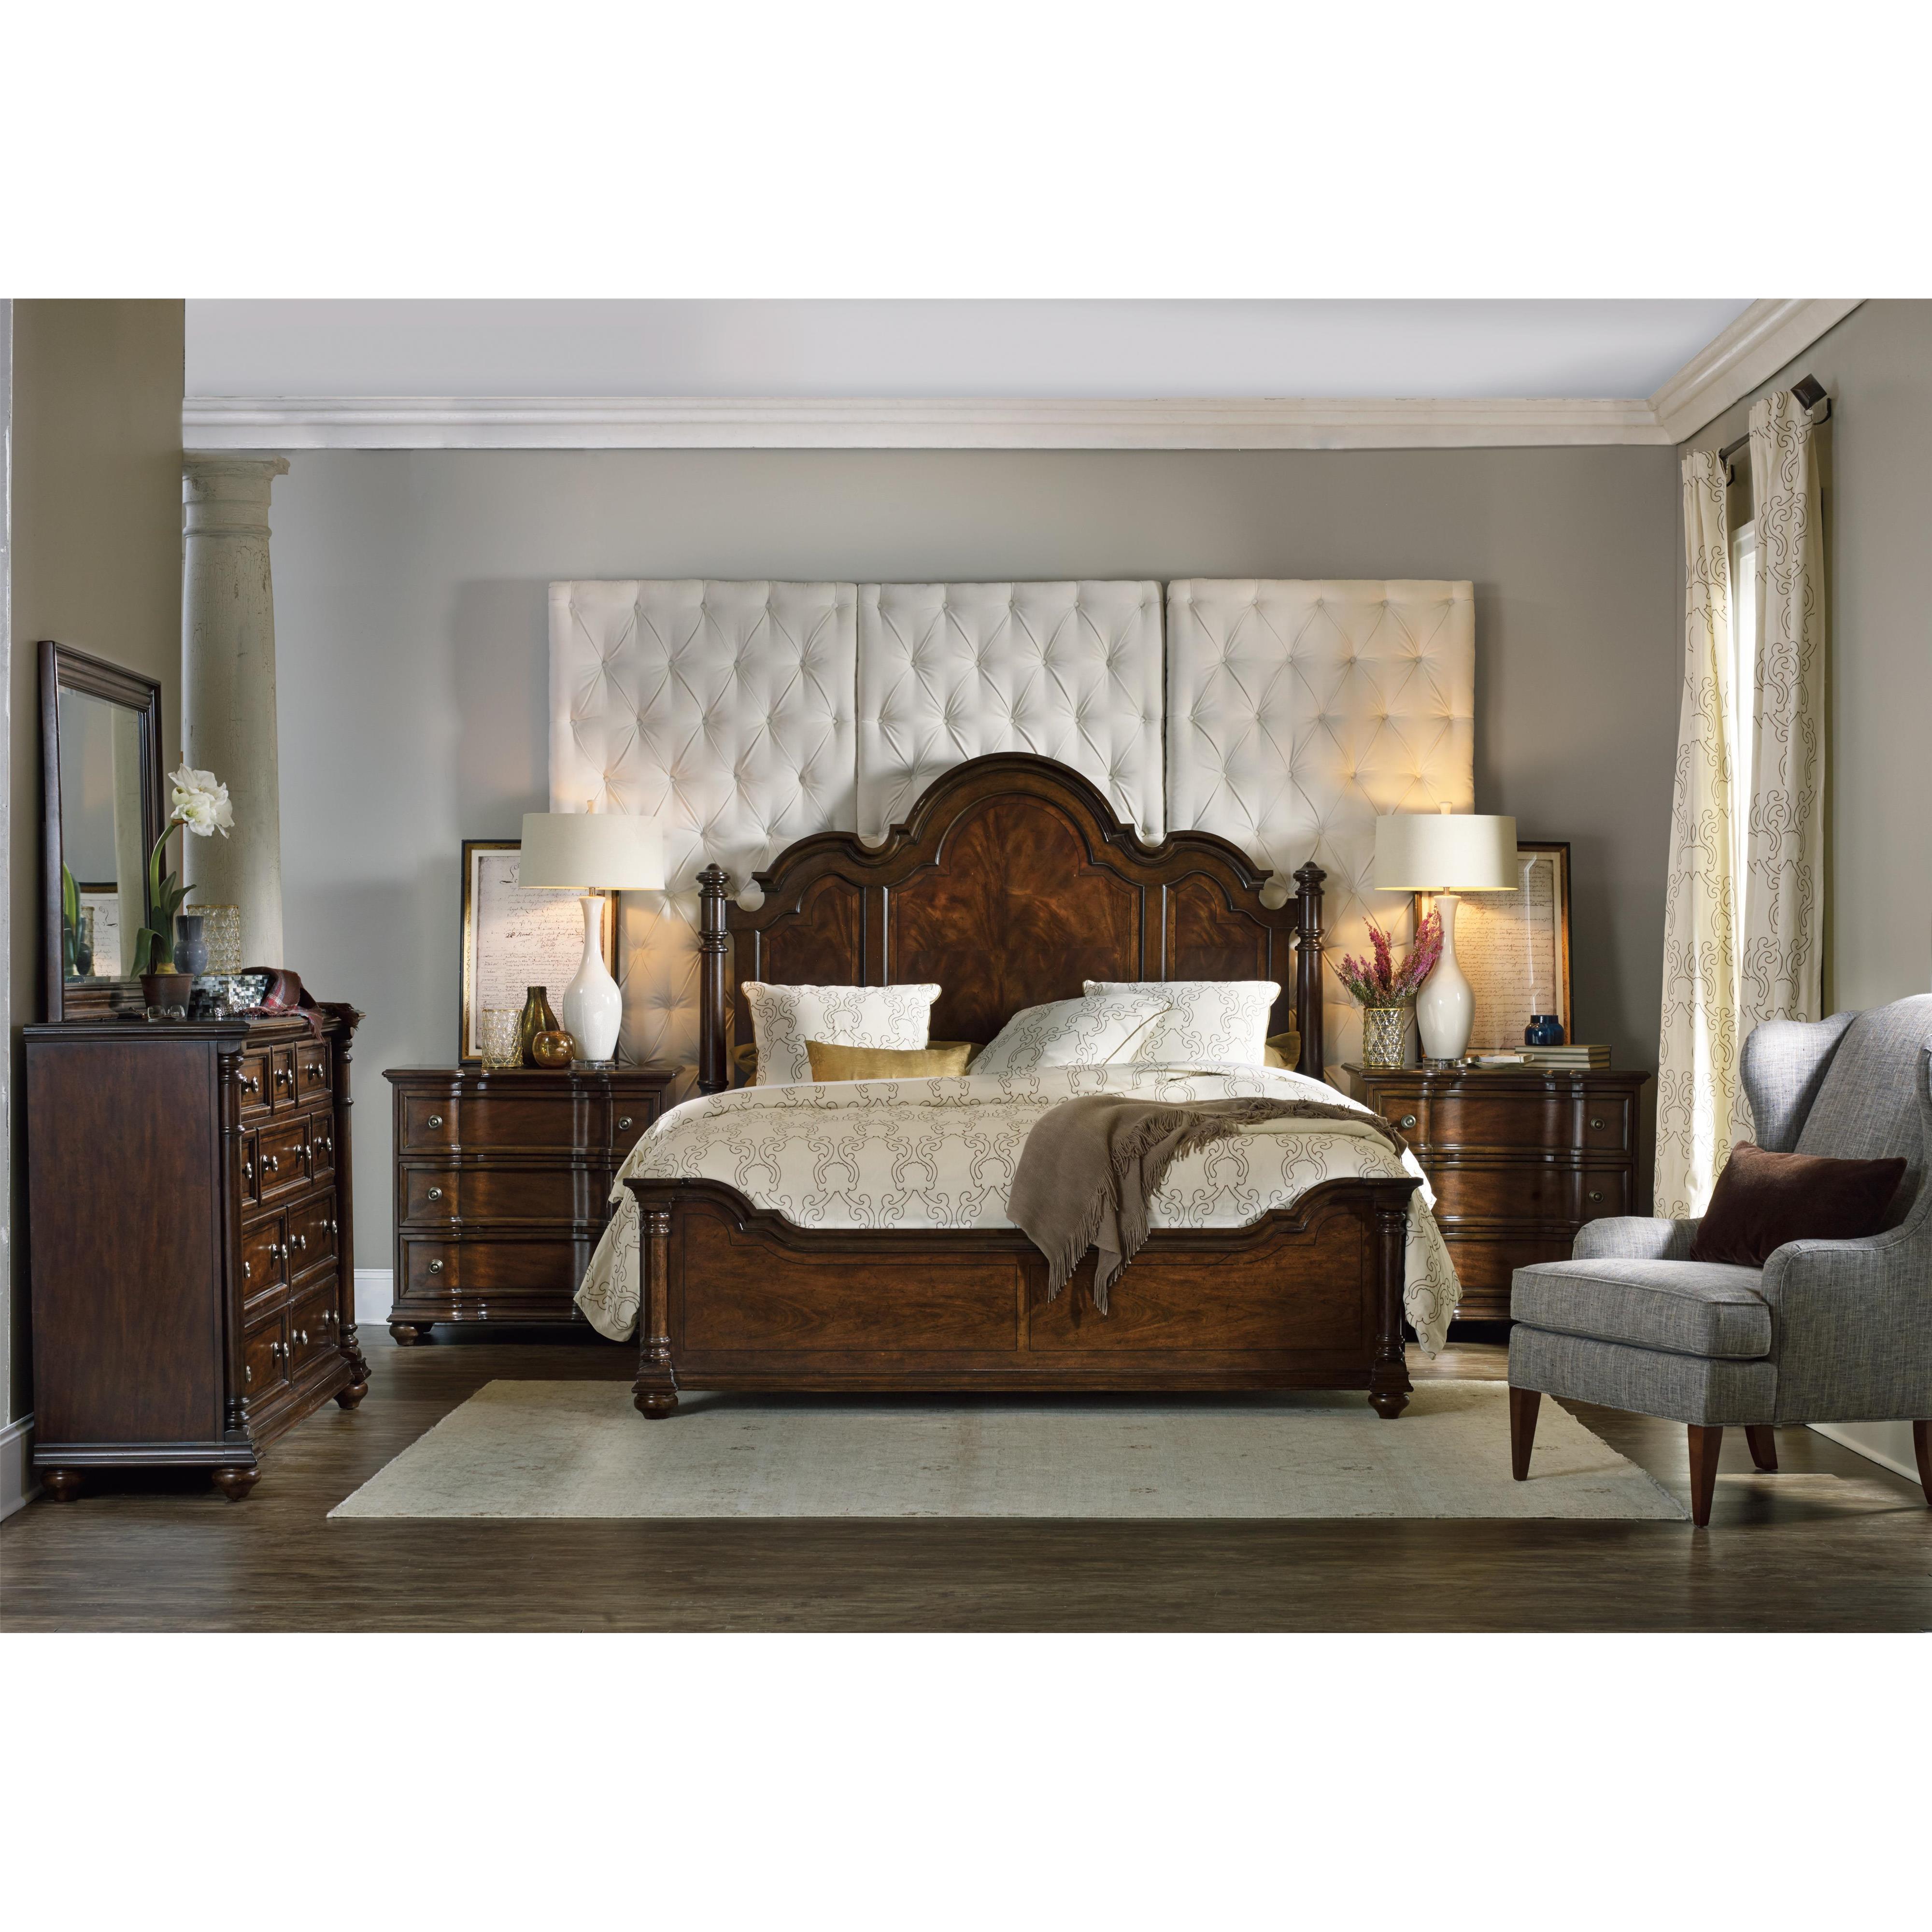 Leesburg King Bedroom Group by Hooker Furniture at Baer's Furniture